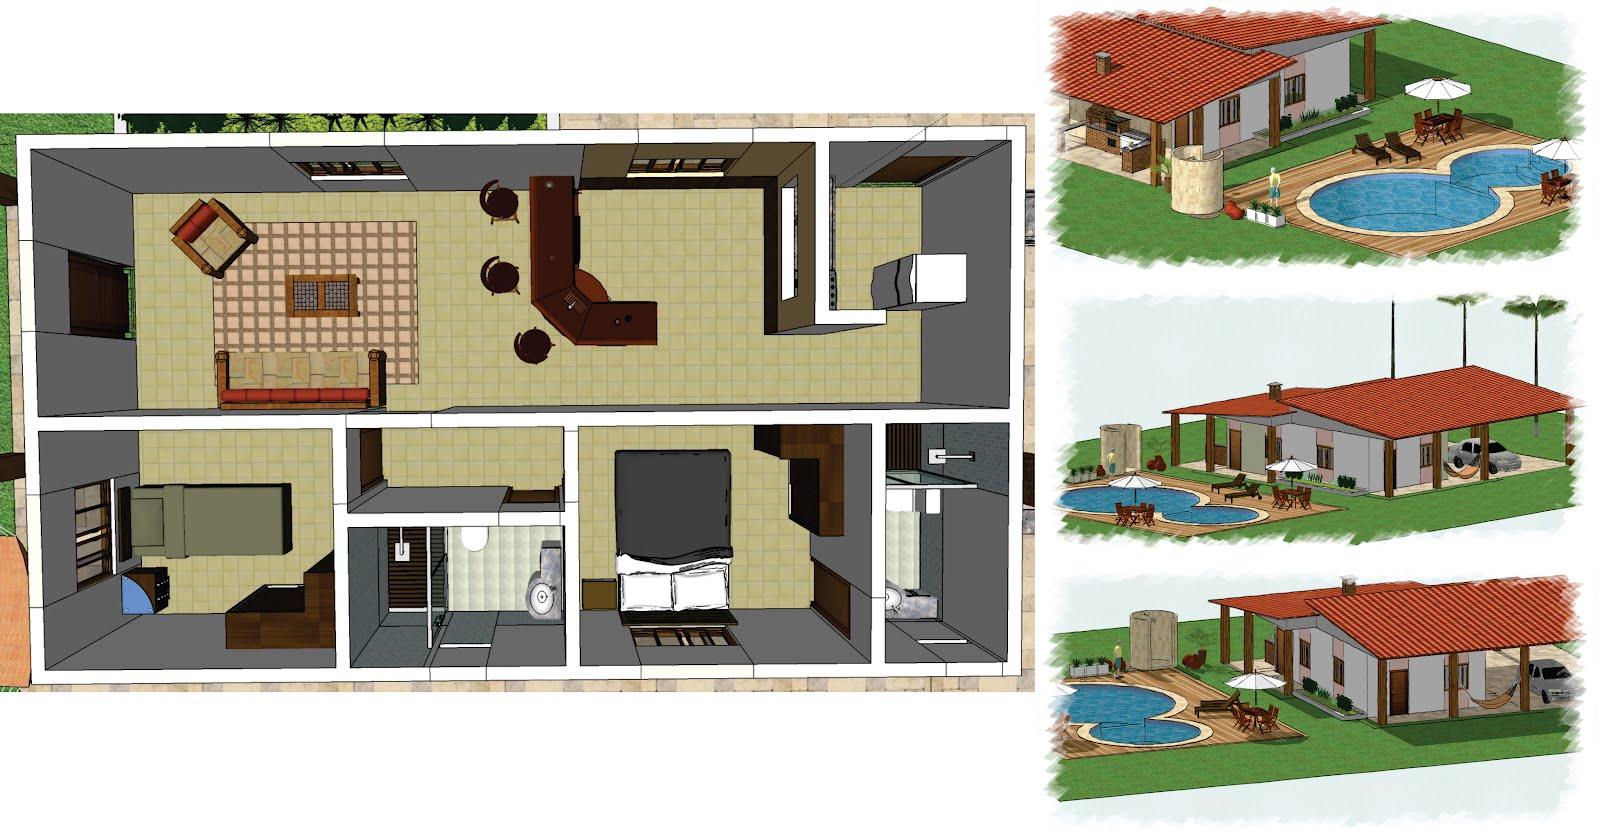 • sala • cozinha • banheiro • área de lazer • piscina #87442C 1600 839